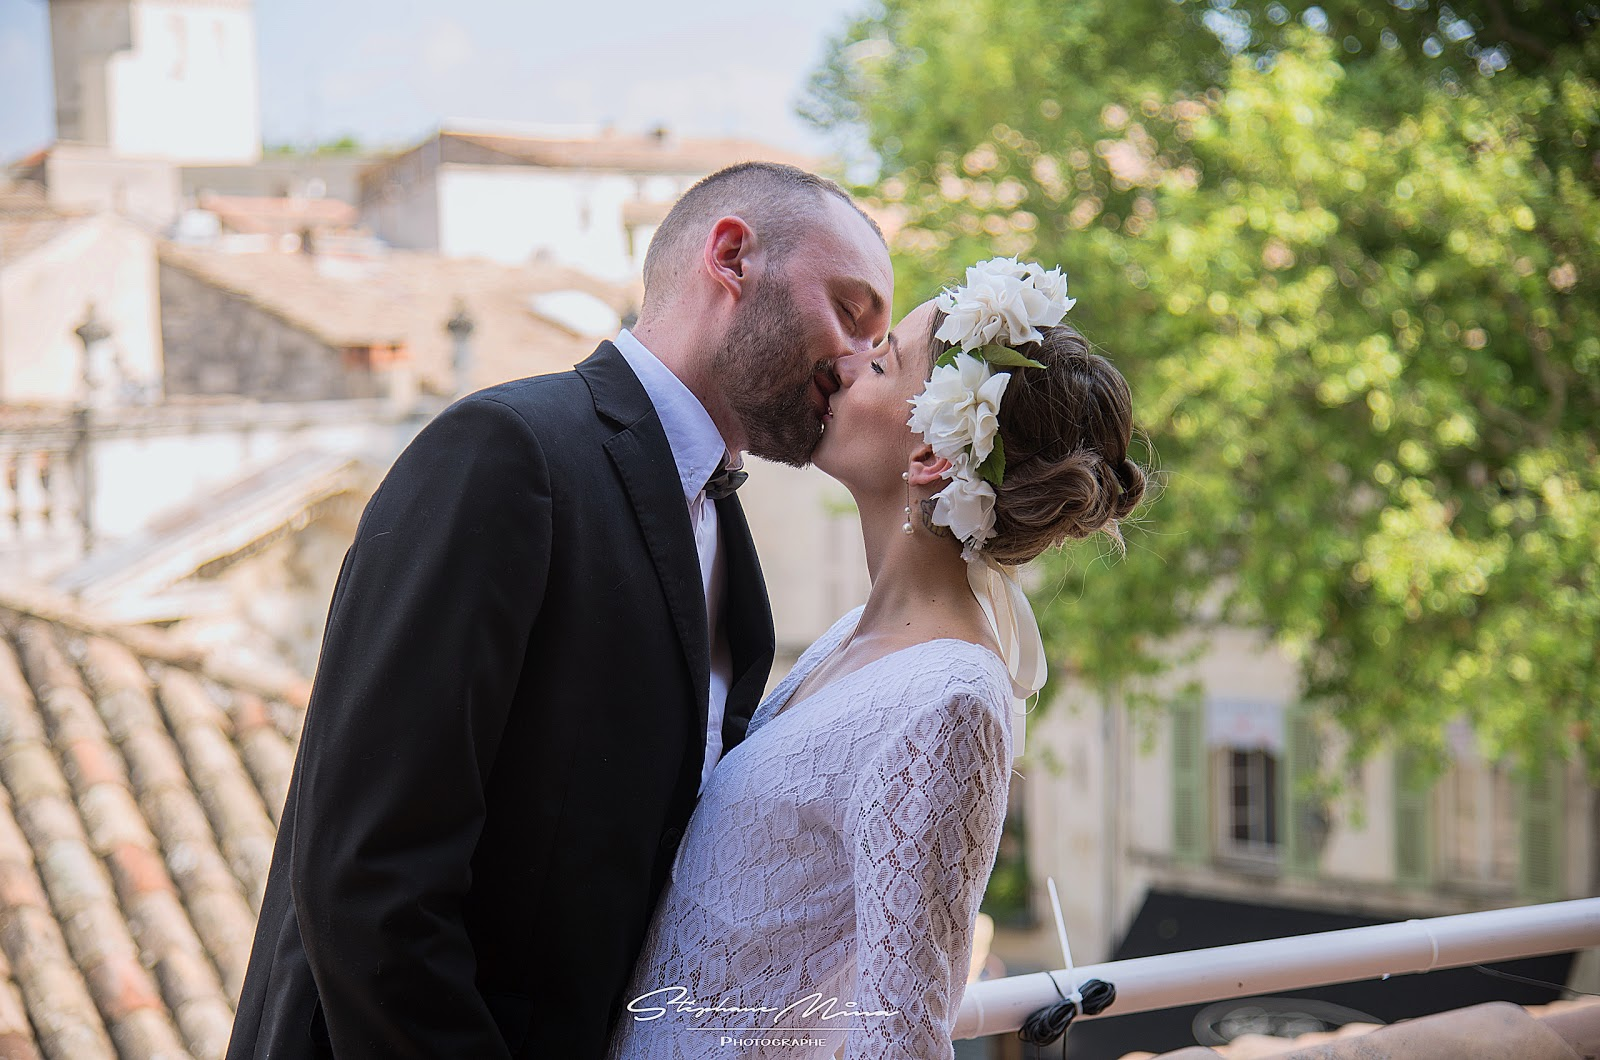 Non vous ne rêvez,pas, je suis bien habillé d\u0027une robe de mariée! Alors  non, malheureusement Clément ne m\u0027a pas encore demandé ma main!